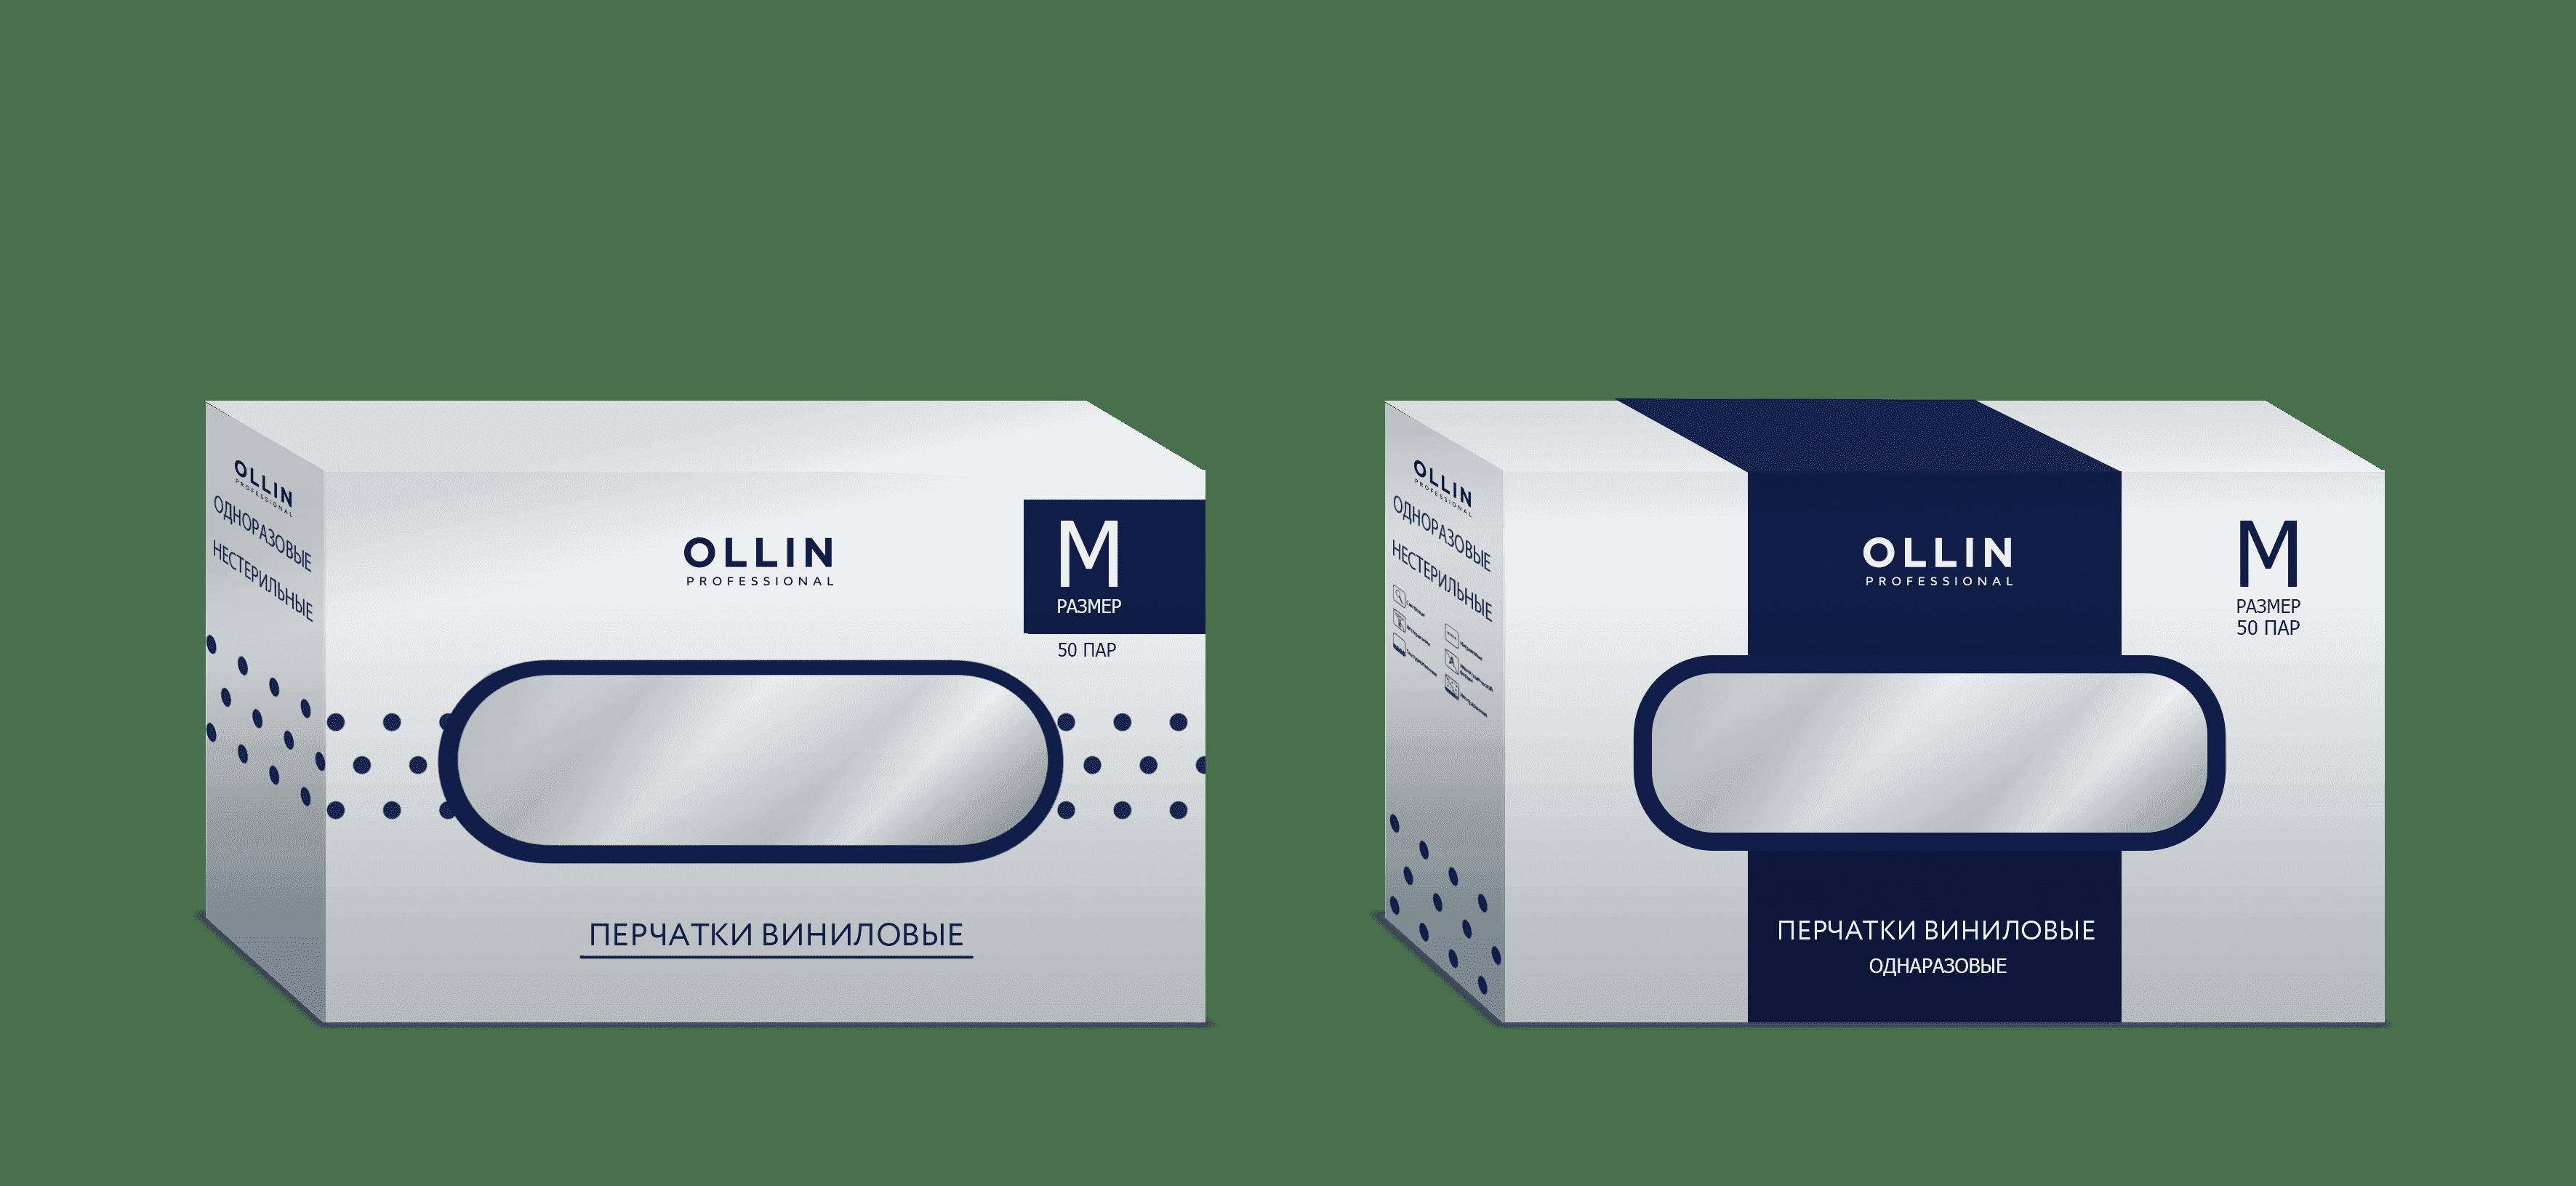 купить OLLIN Professional, Перчатки виниловые неопудренные бесцветные (3 размера) 100шт/уп, 100шт./уп. Размер L дешево